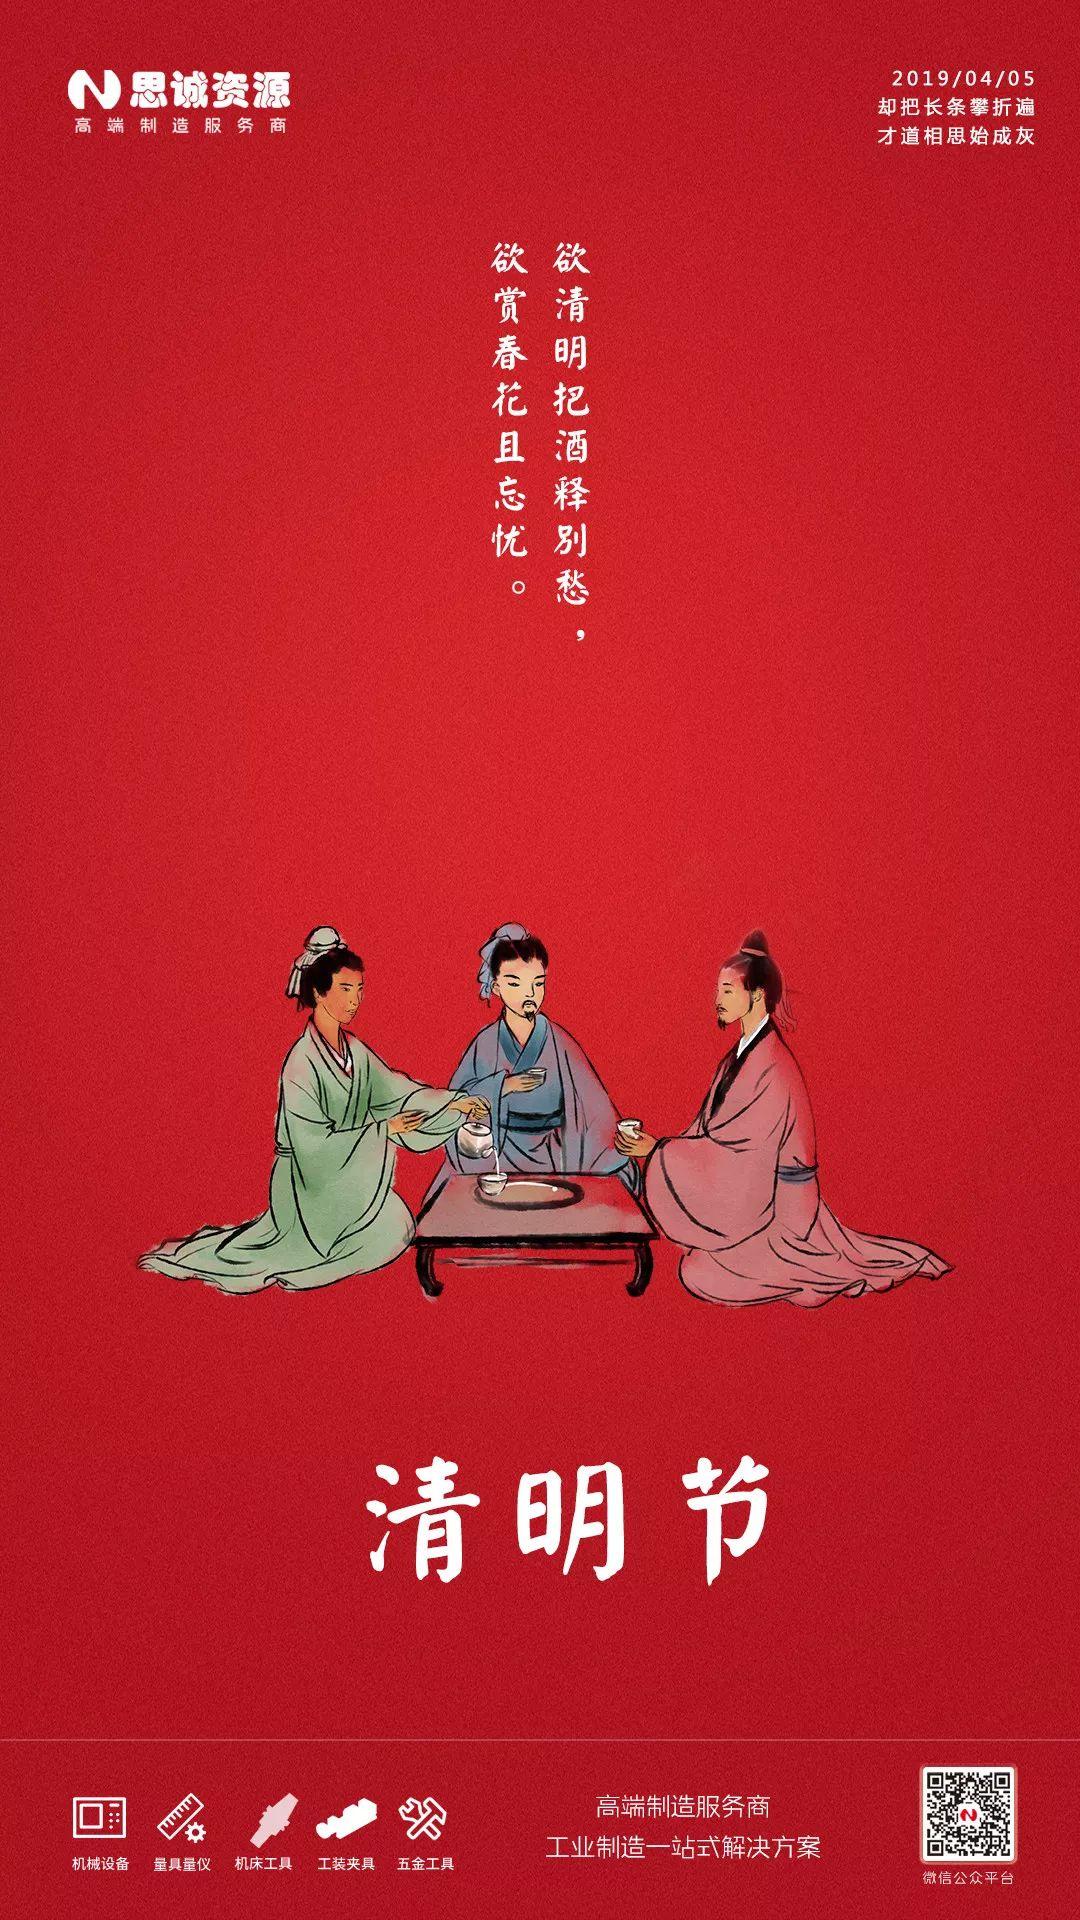 思诚资源2019年清明节放假通知